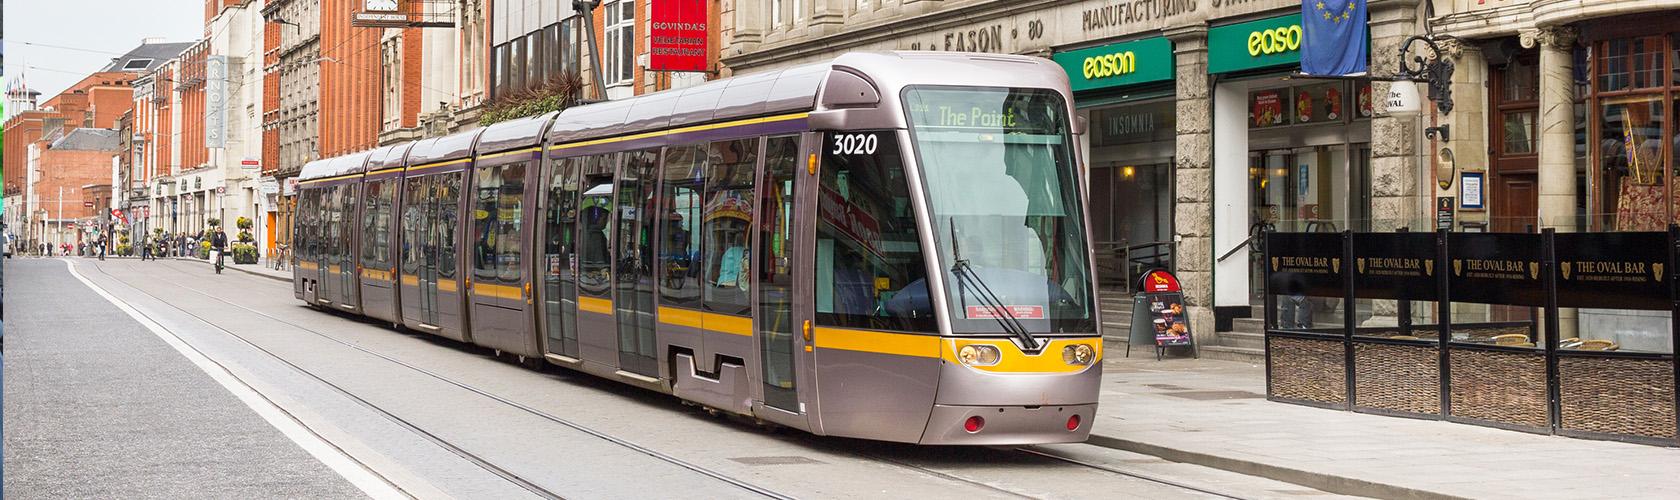 De LUAS (tramlijn)